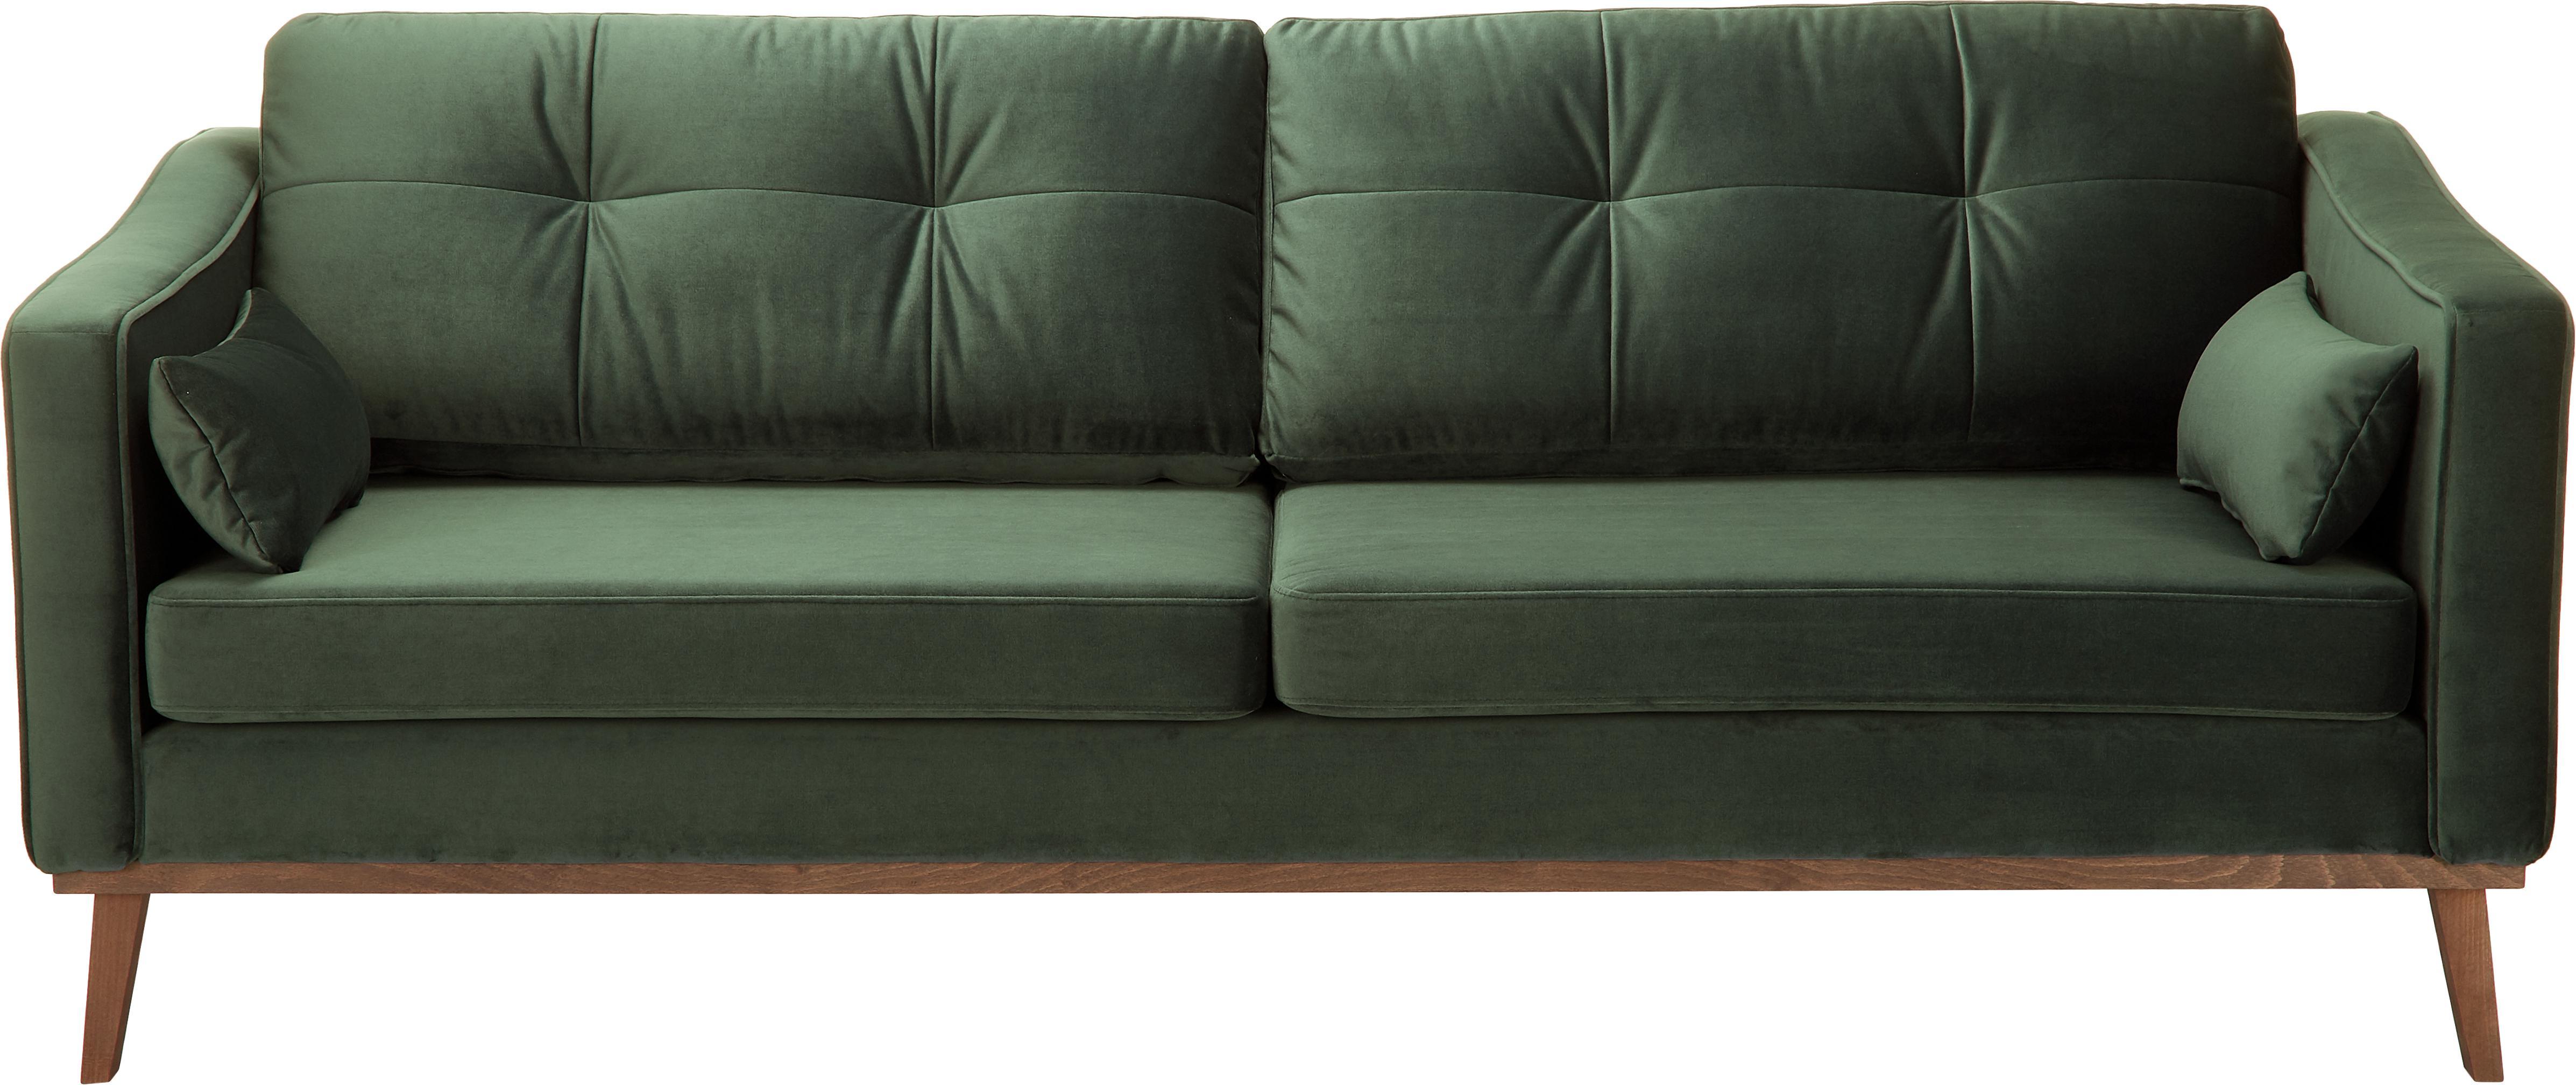 Sofá de terciopelo Alva (3plazas), Tapizado: terciopelo (poliéster de , Estructura: madera de pino maciza, Patas: madera de haya curtida, Terciopelo verde oliva, An 215 x F 92 cm